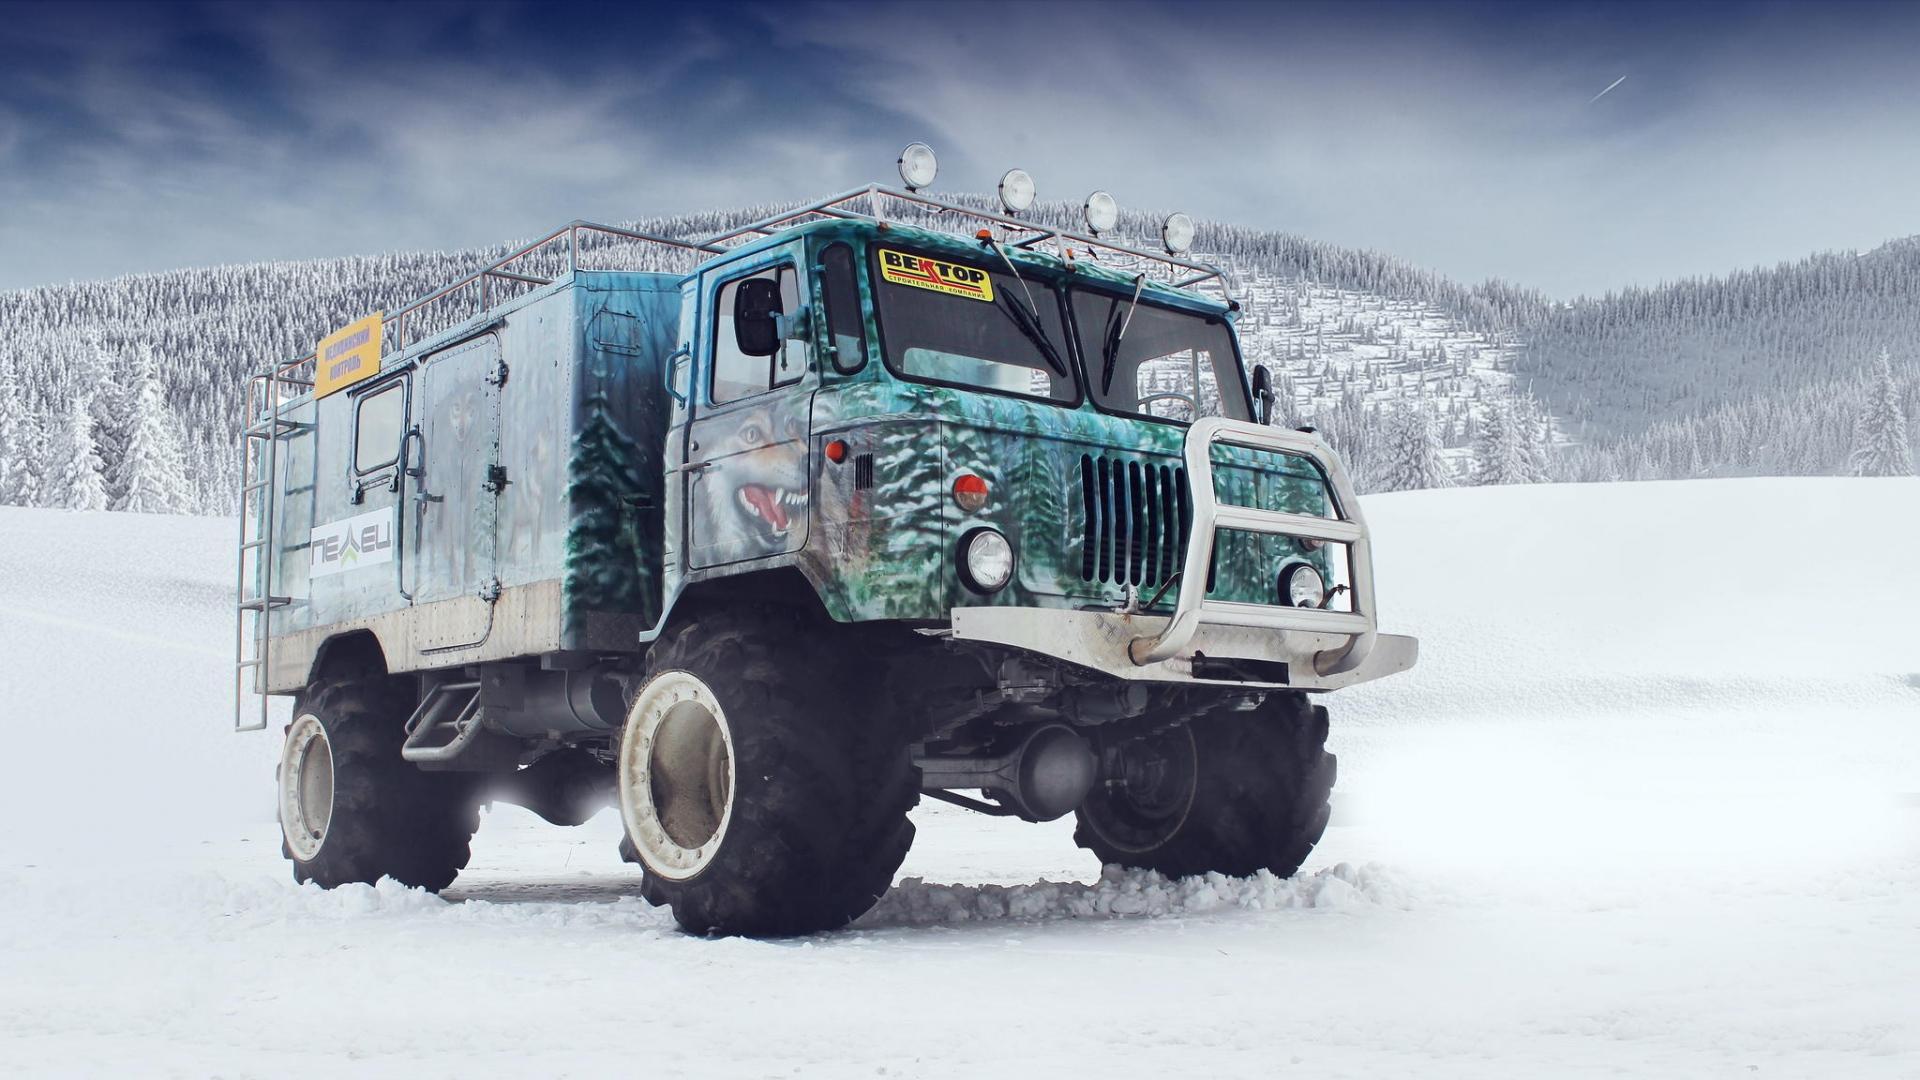 Download 1920x1080 HD Wallpaper gaz taiga off road tuning truck 1920x1080